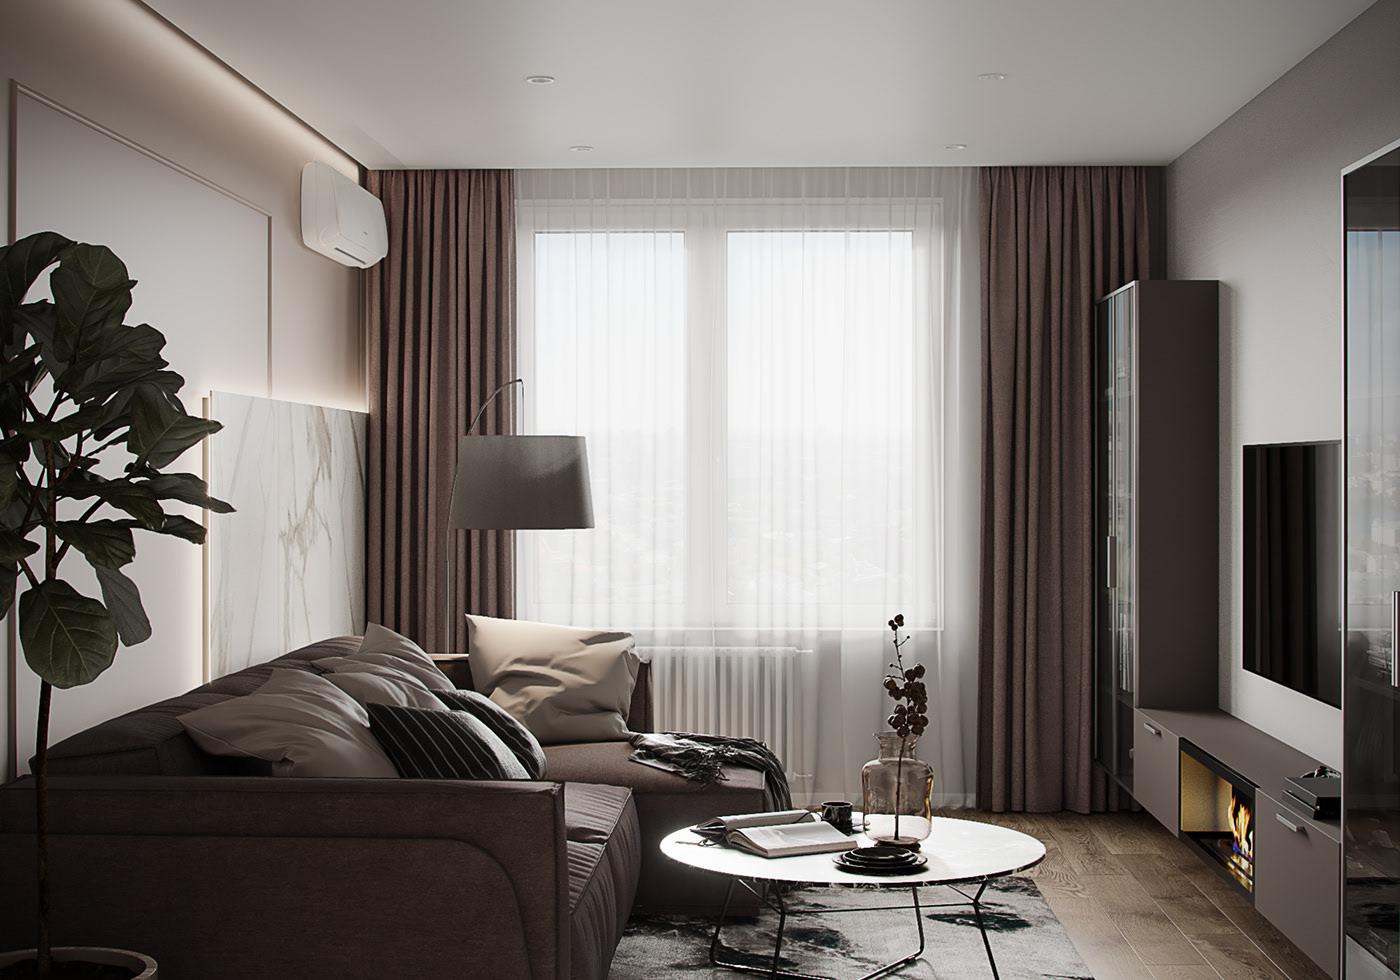 Tư vấn thiết kế căn hộ thô có diện tích 54m² với tổng chi phí 83 triệu đồng - Ảnh 2